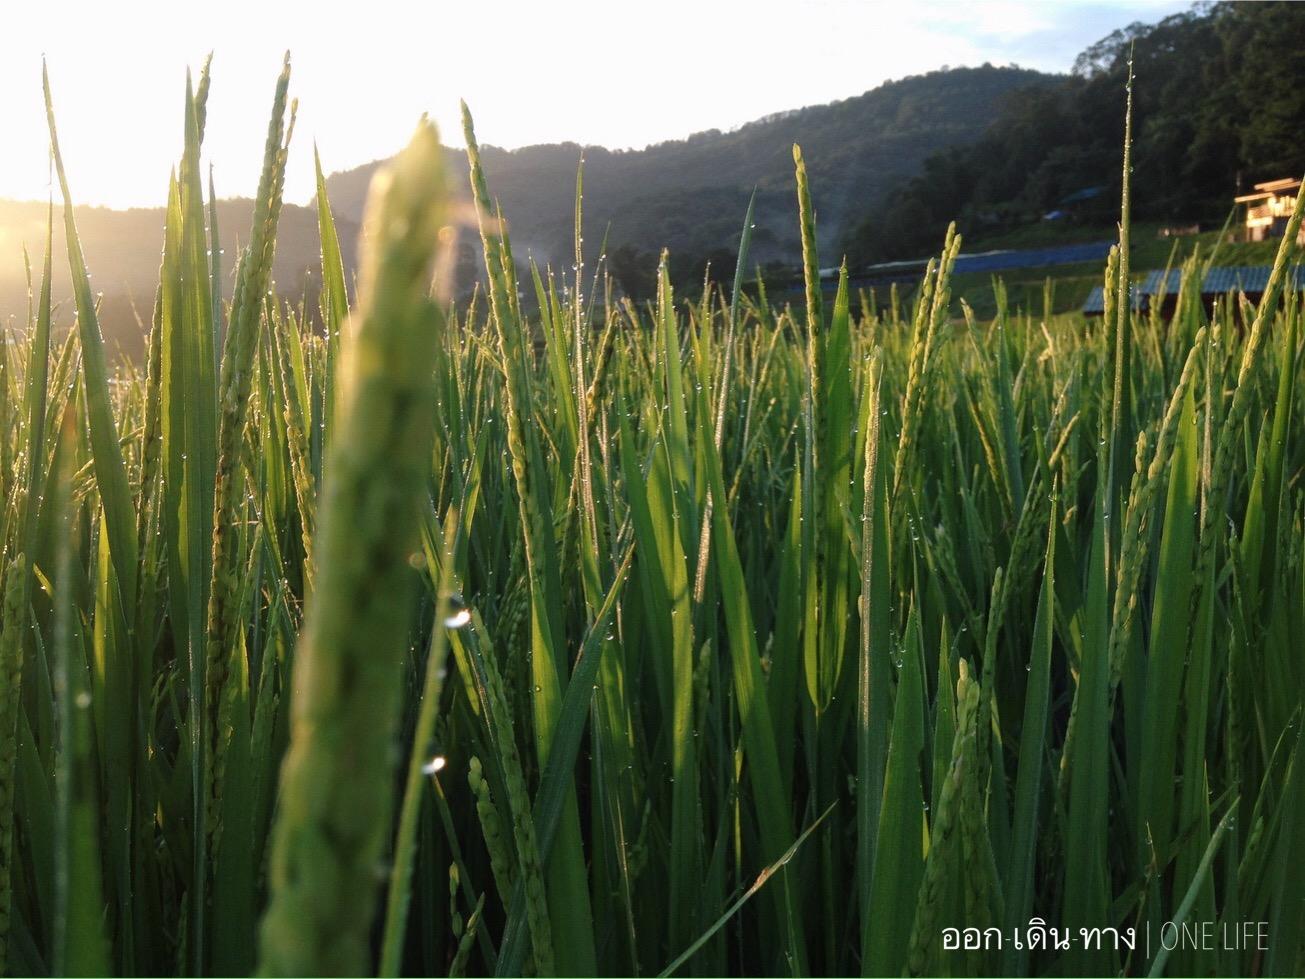 ปลายฝน ต้นหนาว รวงข้าวสีเขียวกำลังเติบโต นาขั้นบันได บ้านแม่กลางหลวง แม่แจ่ม เชียงใหม่